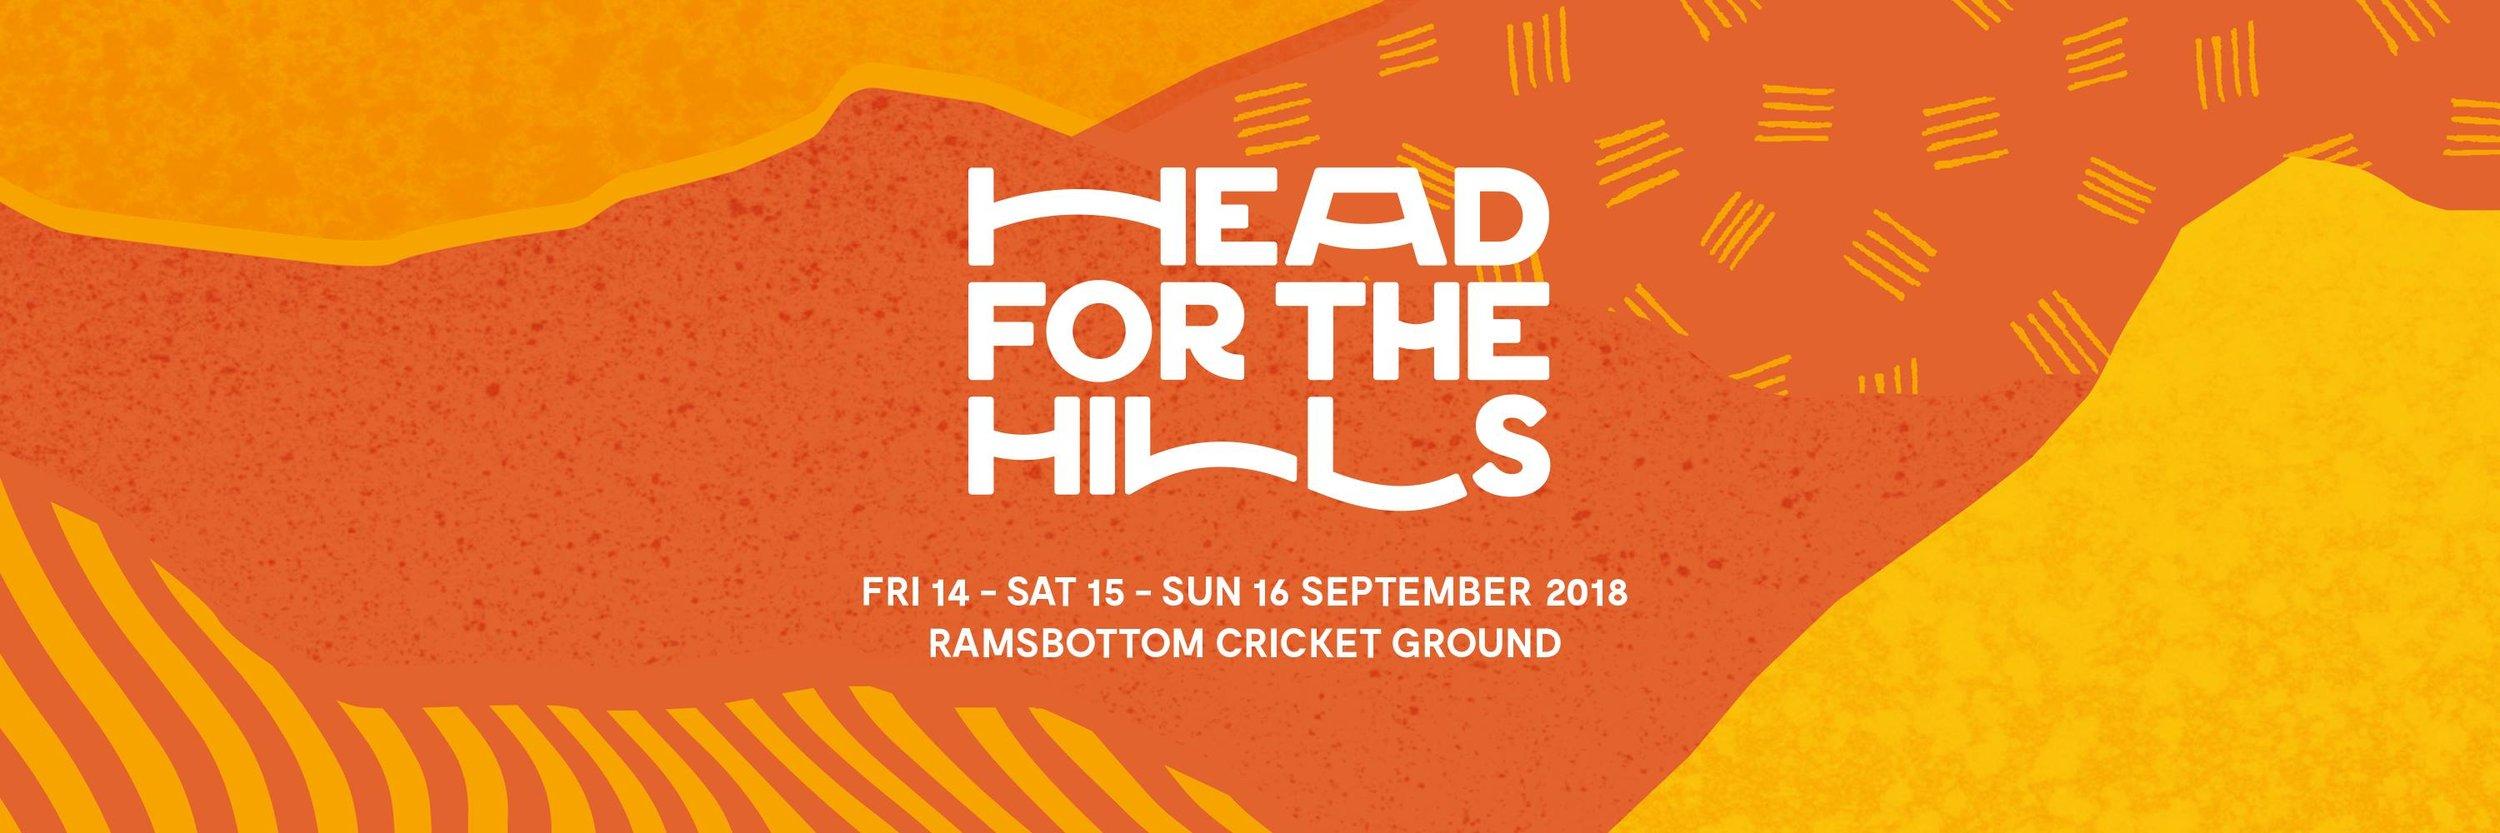 Head For The Hills Festival Ramsbottom - Coming September 2020https://headforthehills.org.uk/